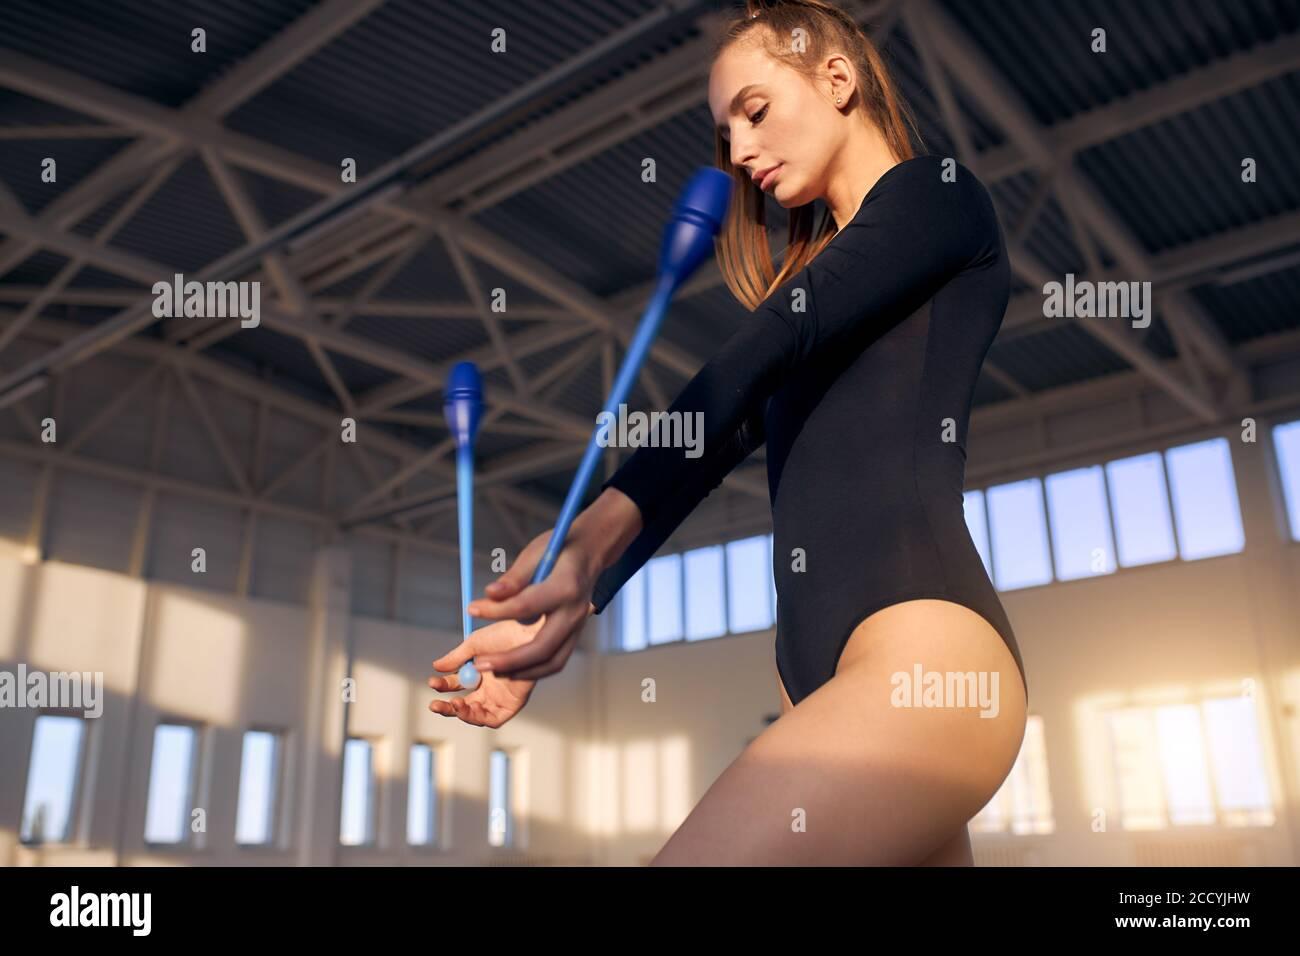 Encantadora hermosa niña de entrenamiento en el salón de tiendas, mantener los clubes de gimnasia azul oscuro en las manos, mira hacia abajo, tiro desde abajo, concepto de estilo de vida activo Foto de stock